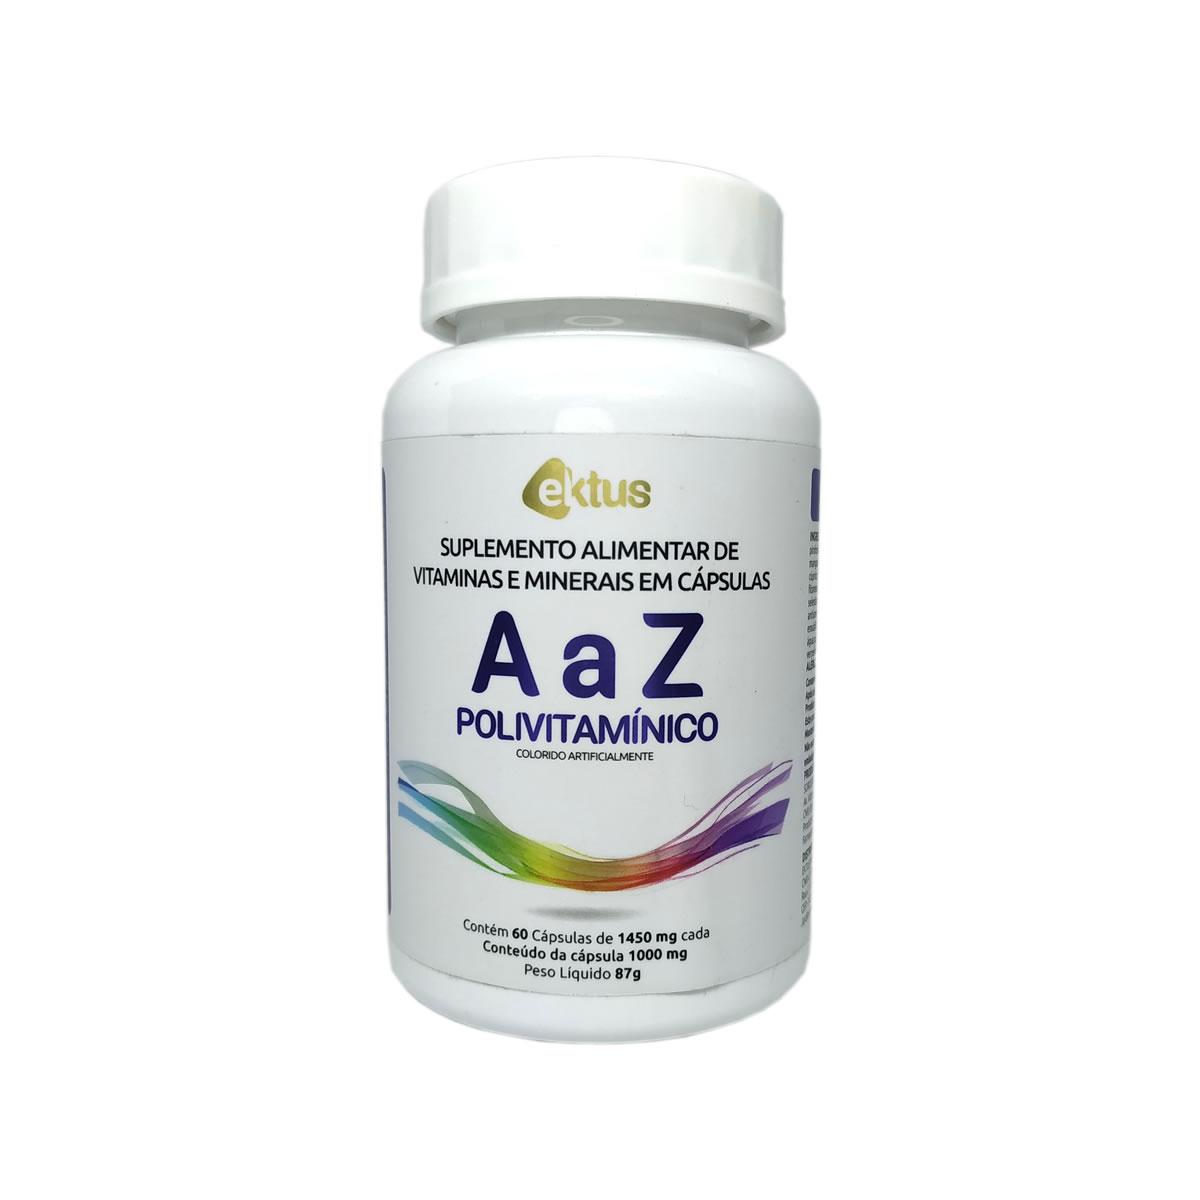 Polivitamínico de A a Z 1000mg com 60 Cápsulas - Ektus